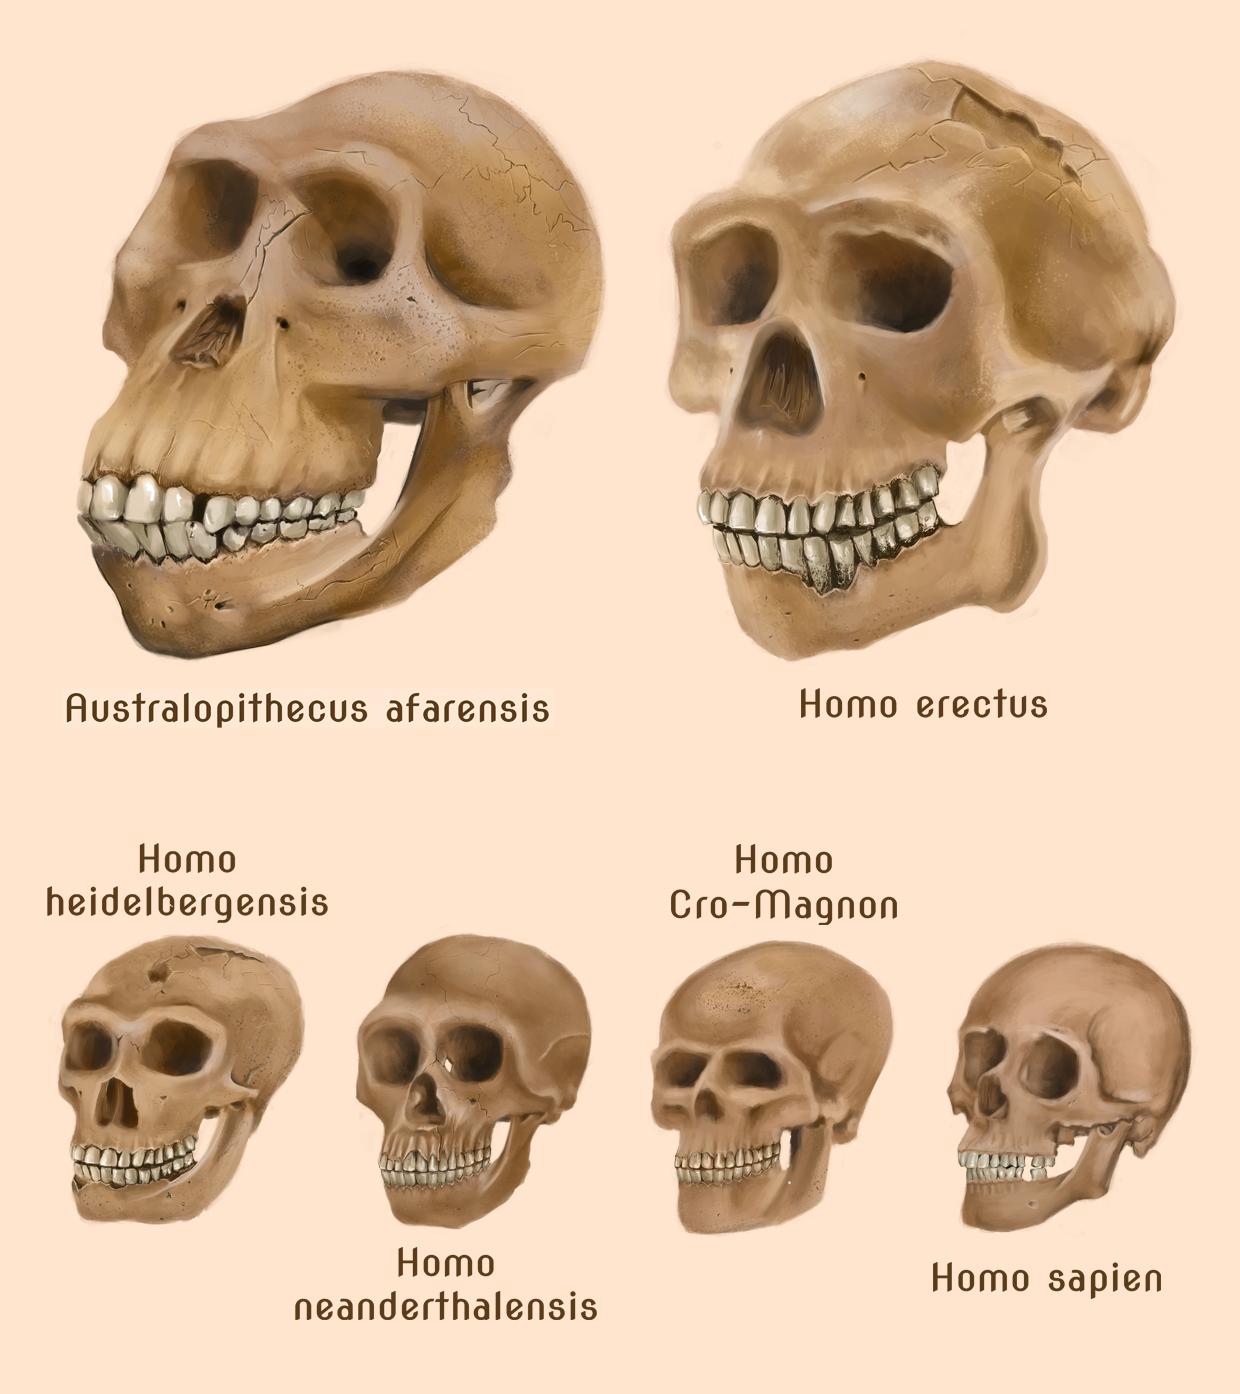 hodeskaller